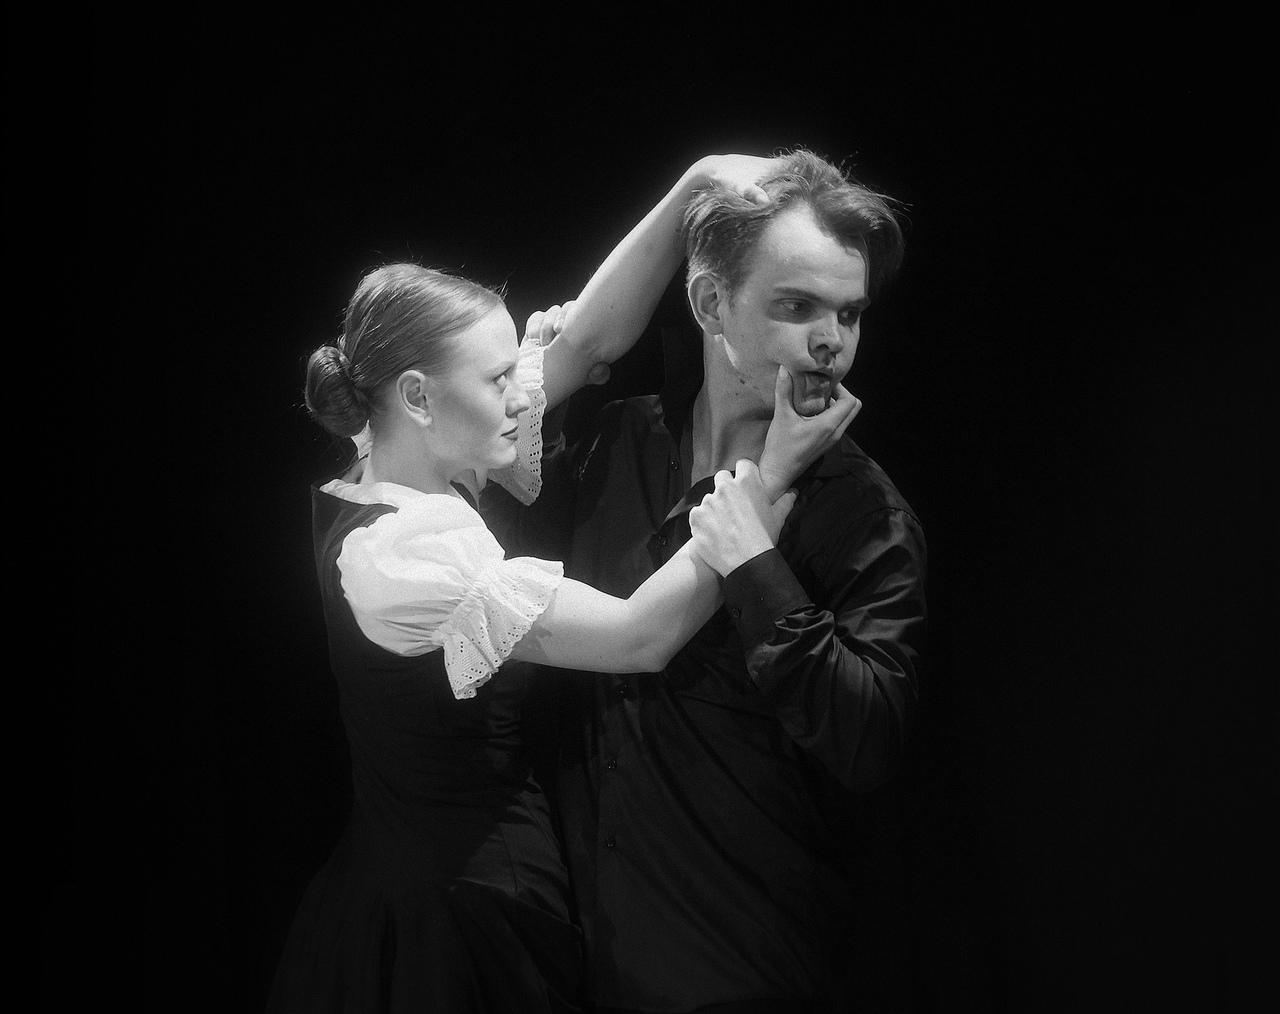 Ачинский драматический театр поздравил с днём рождения своего артиста Владимира Коренского. Интервью с именинником. (2)